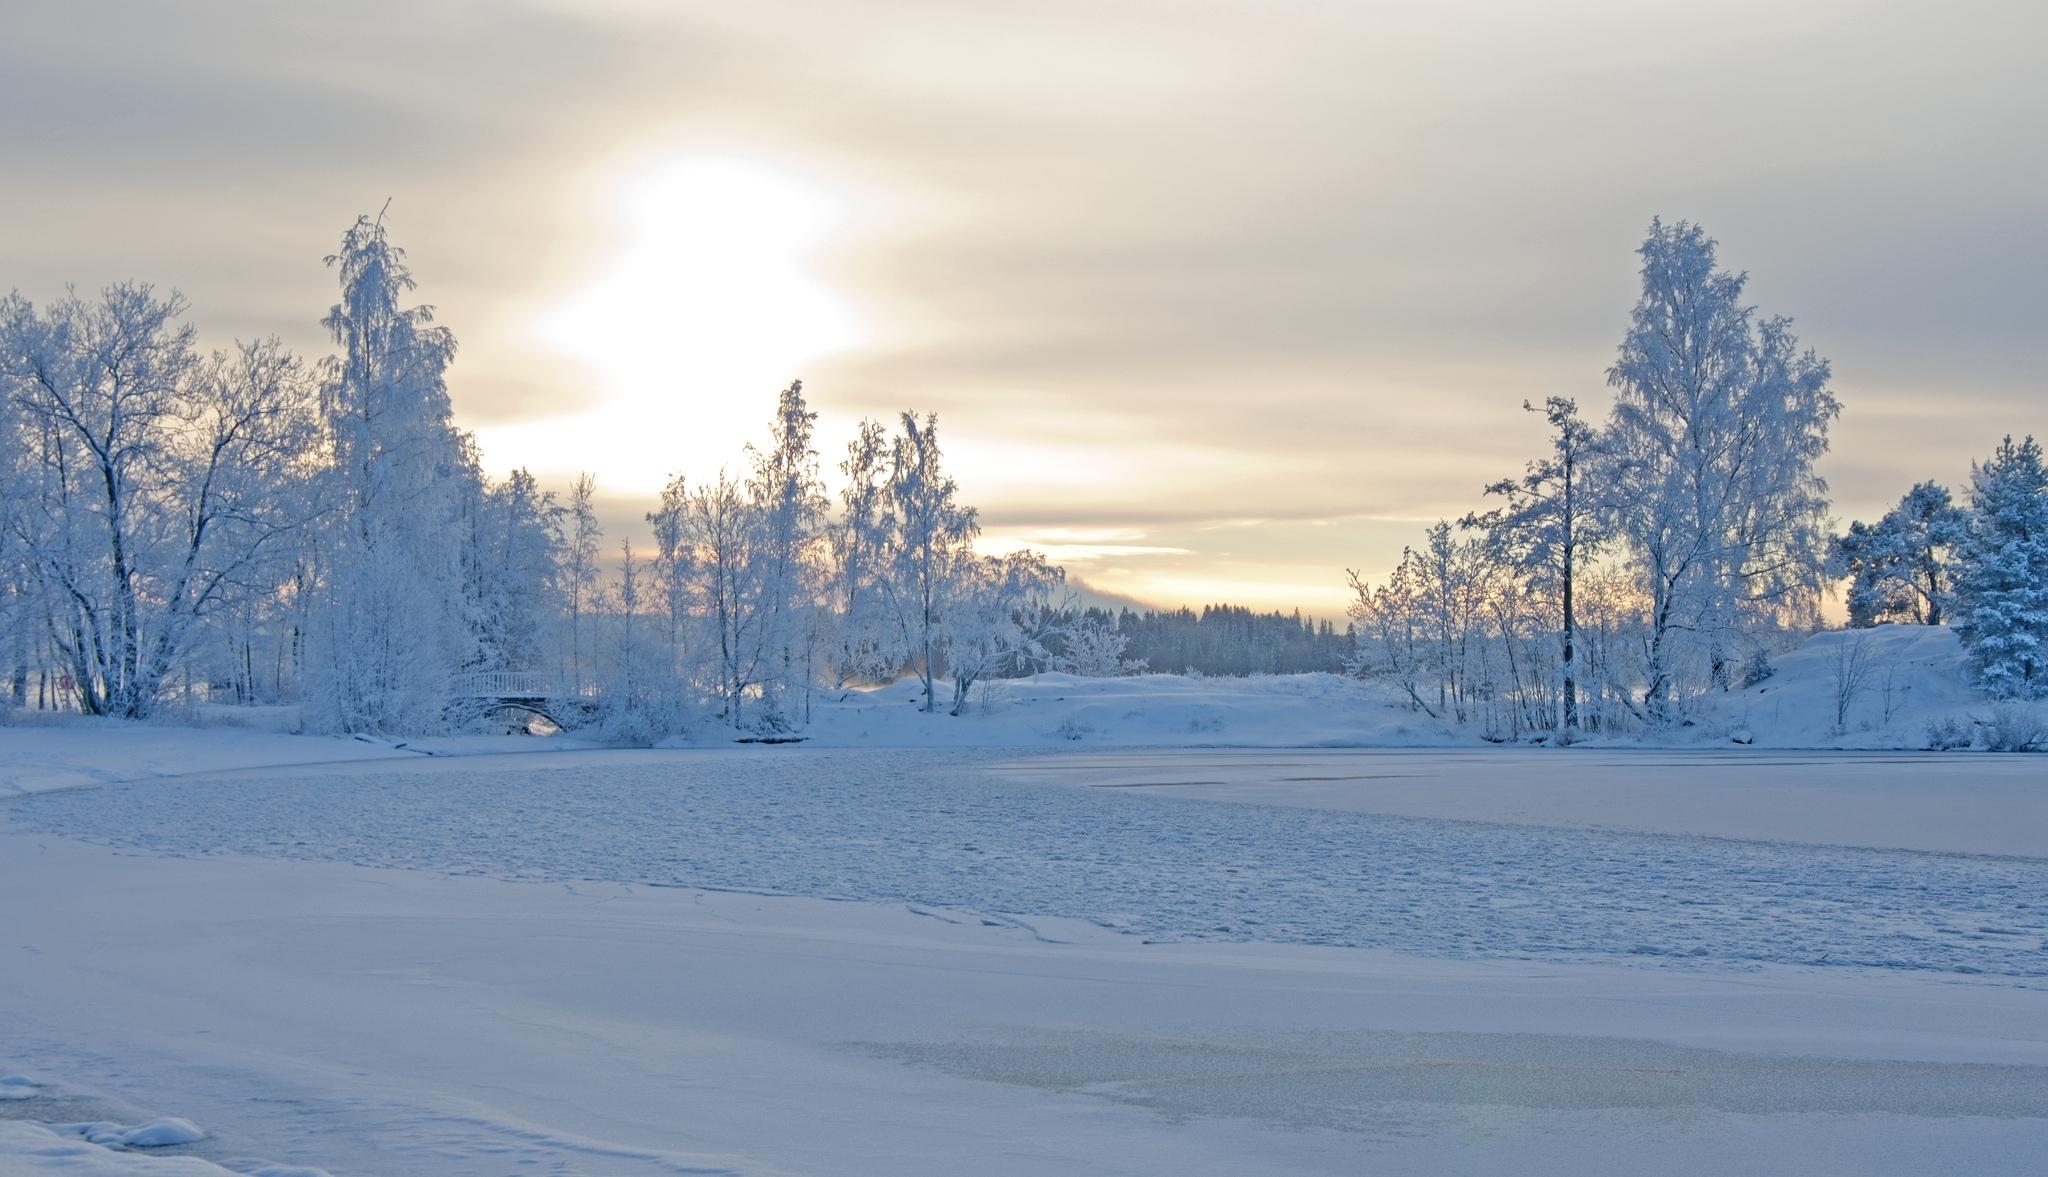 130405 papel de parede 320x480 em seu telefone gratuitamente, baixe imagens Neve, Inverno, Natureza, Árvores, Geada, Lindamente, É Lindo., Paisagem De Inverno 320x480 em seu celular